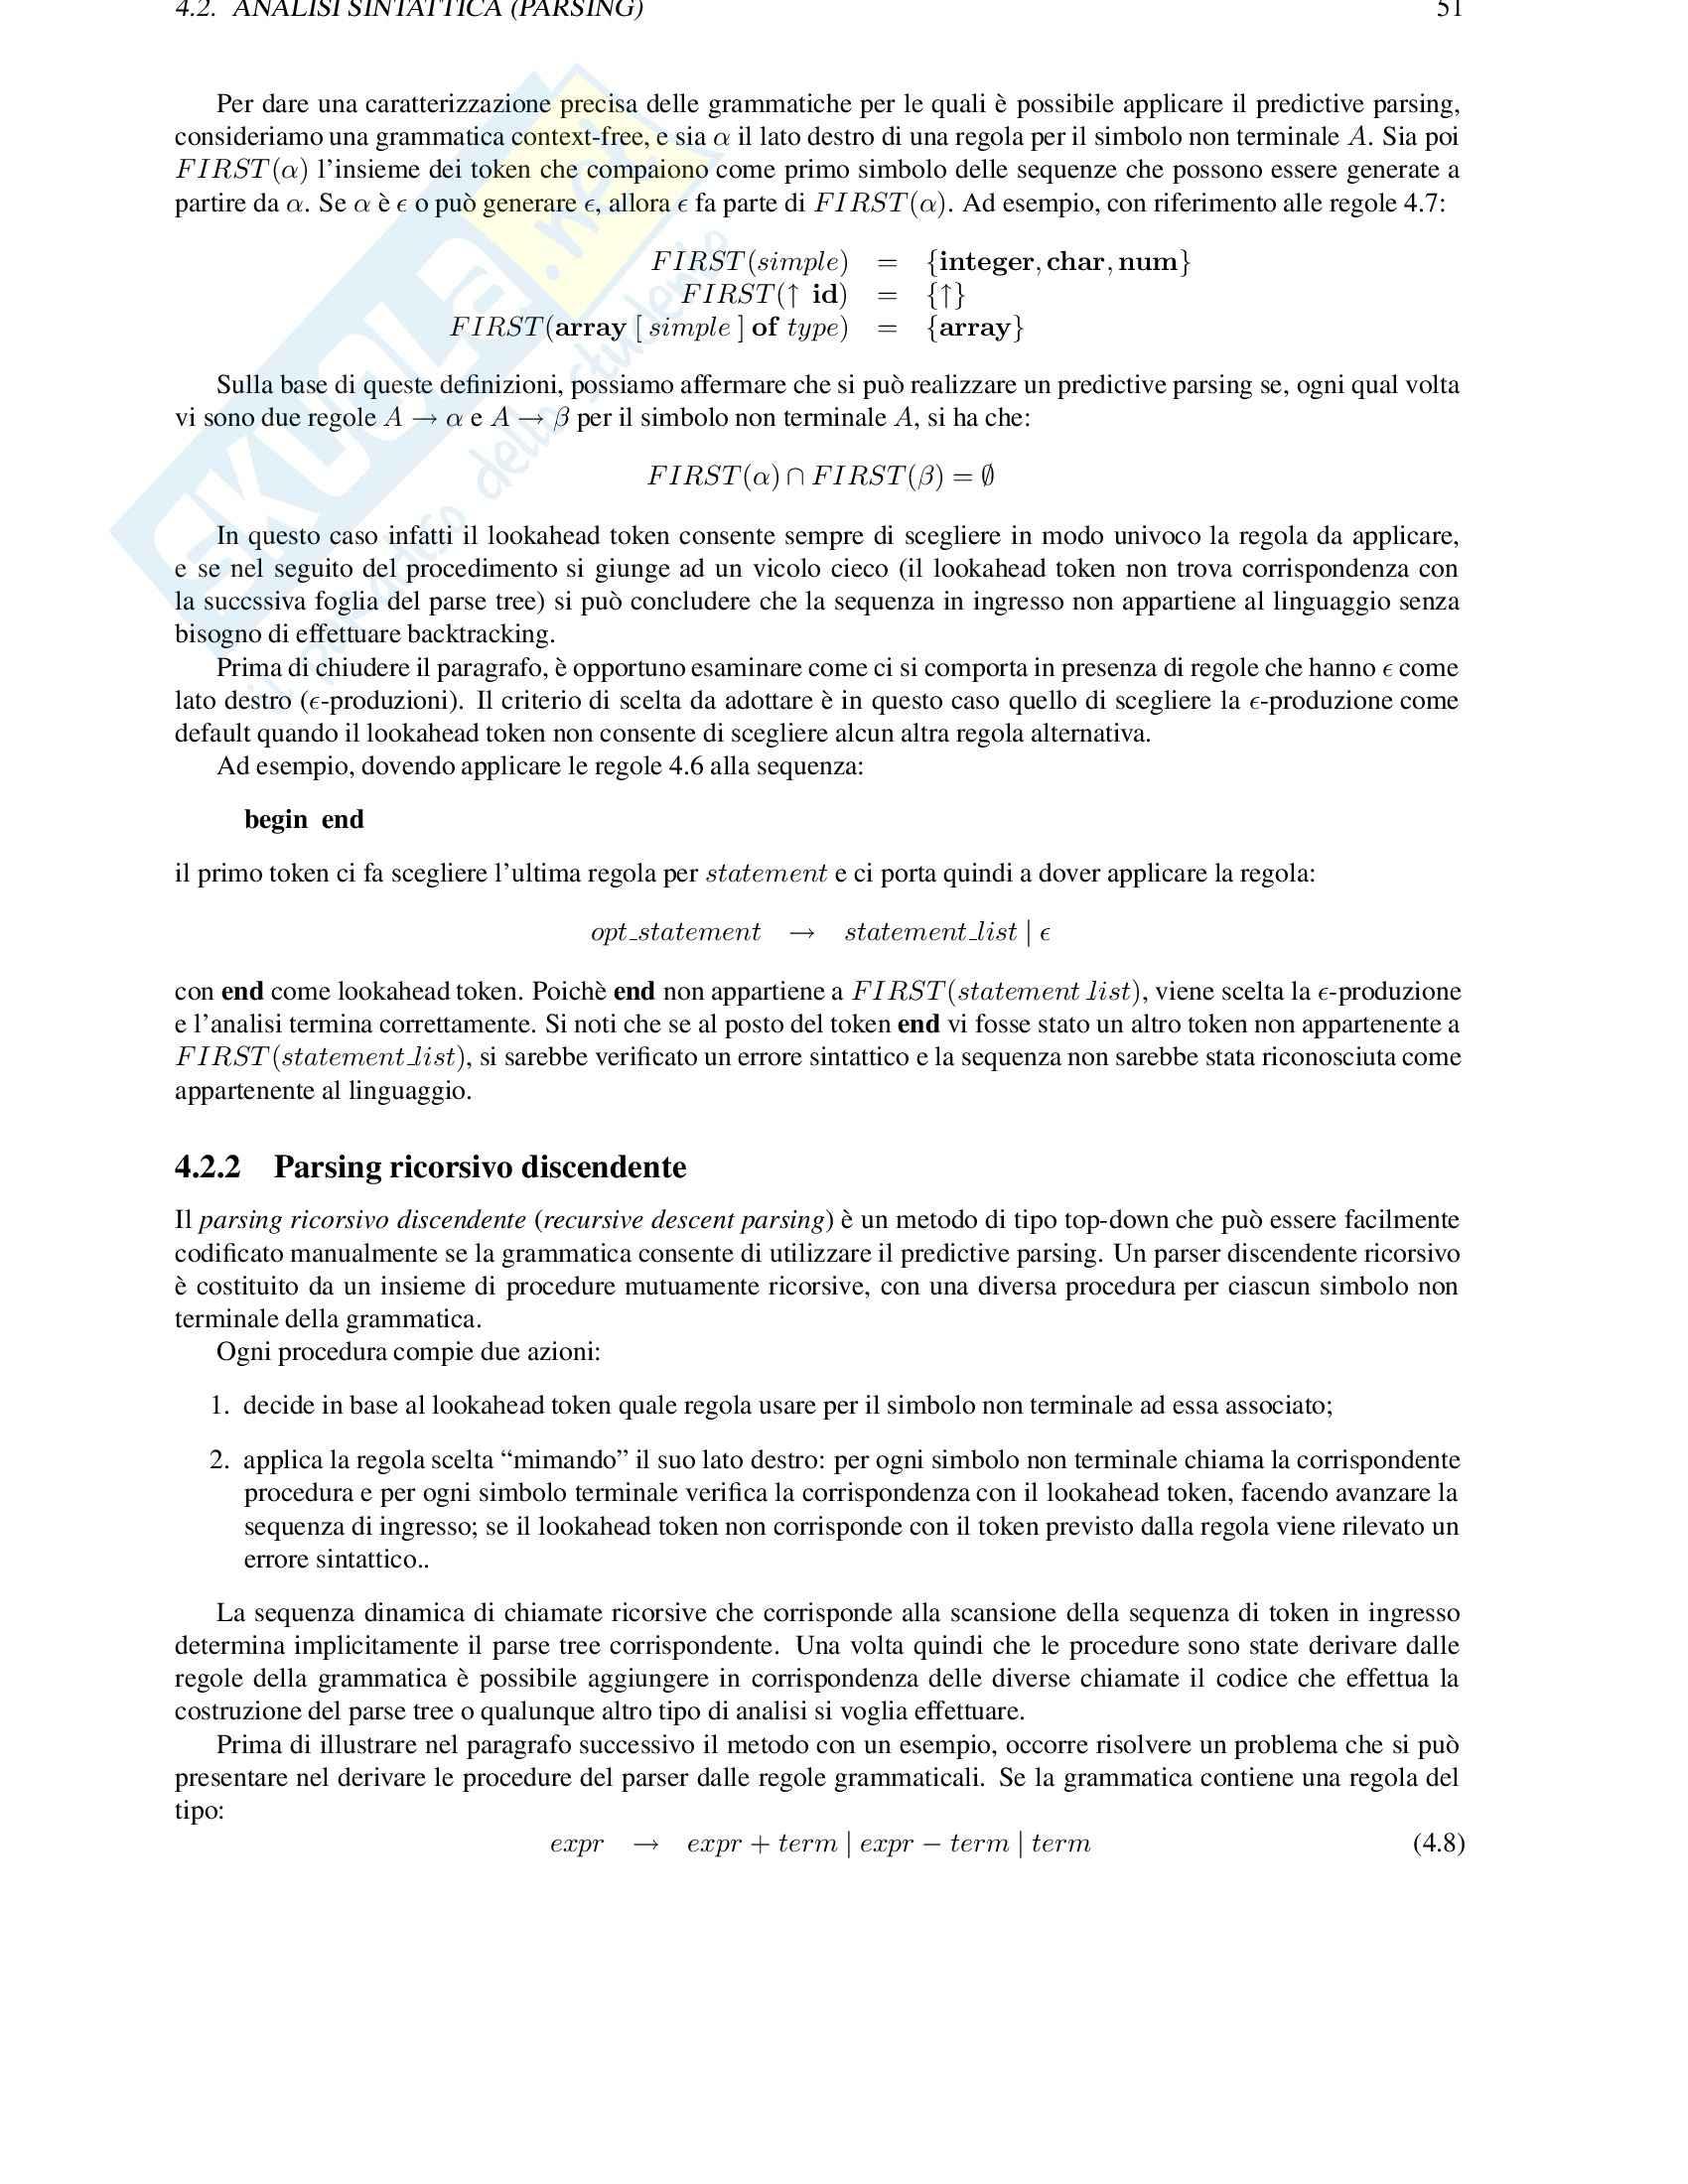 Algoritmi e strutture dati Pag. 51